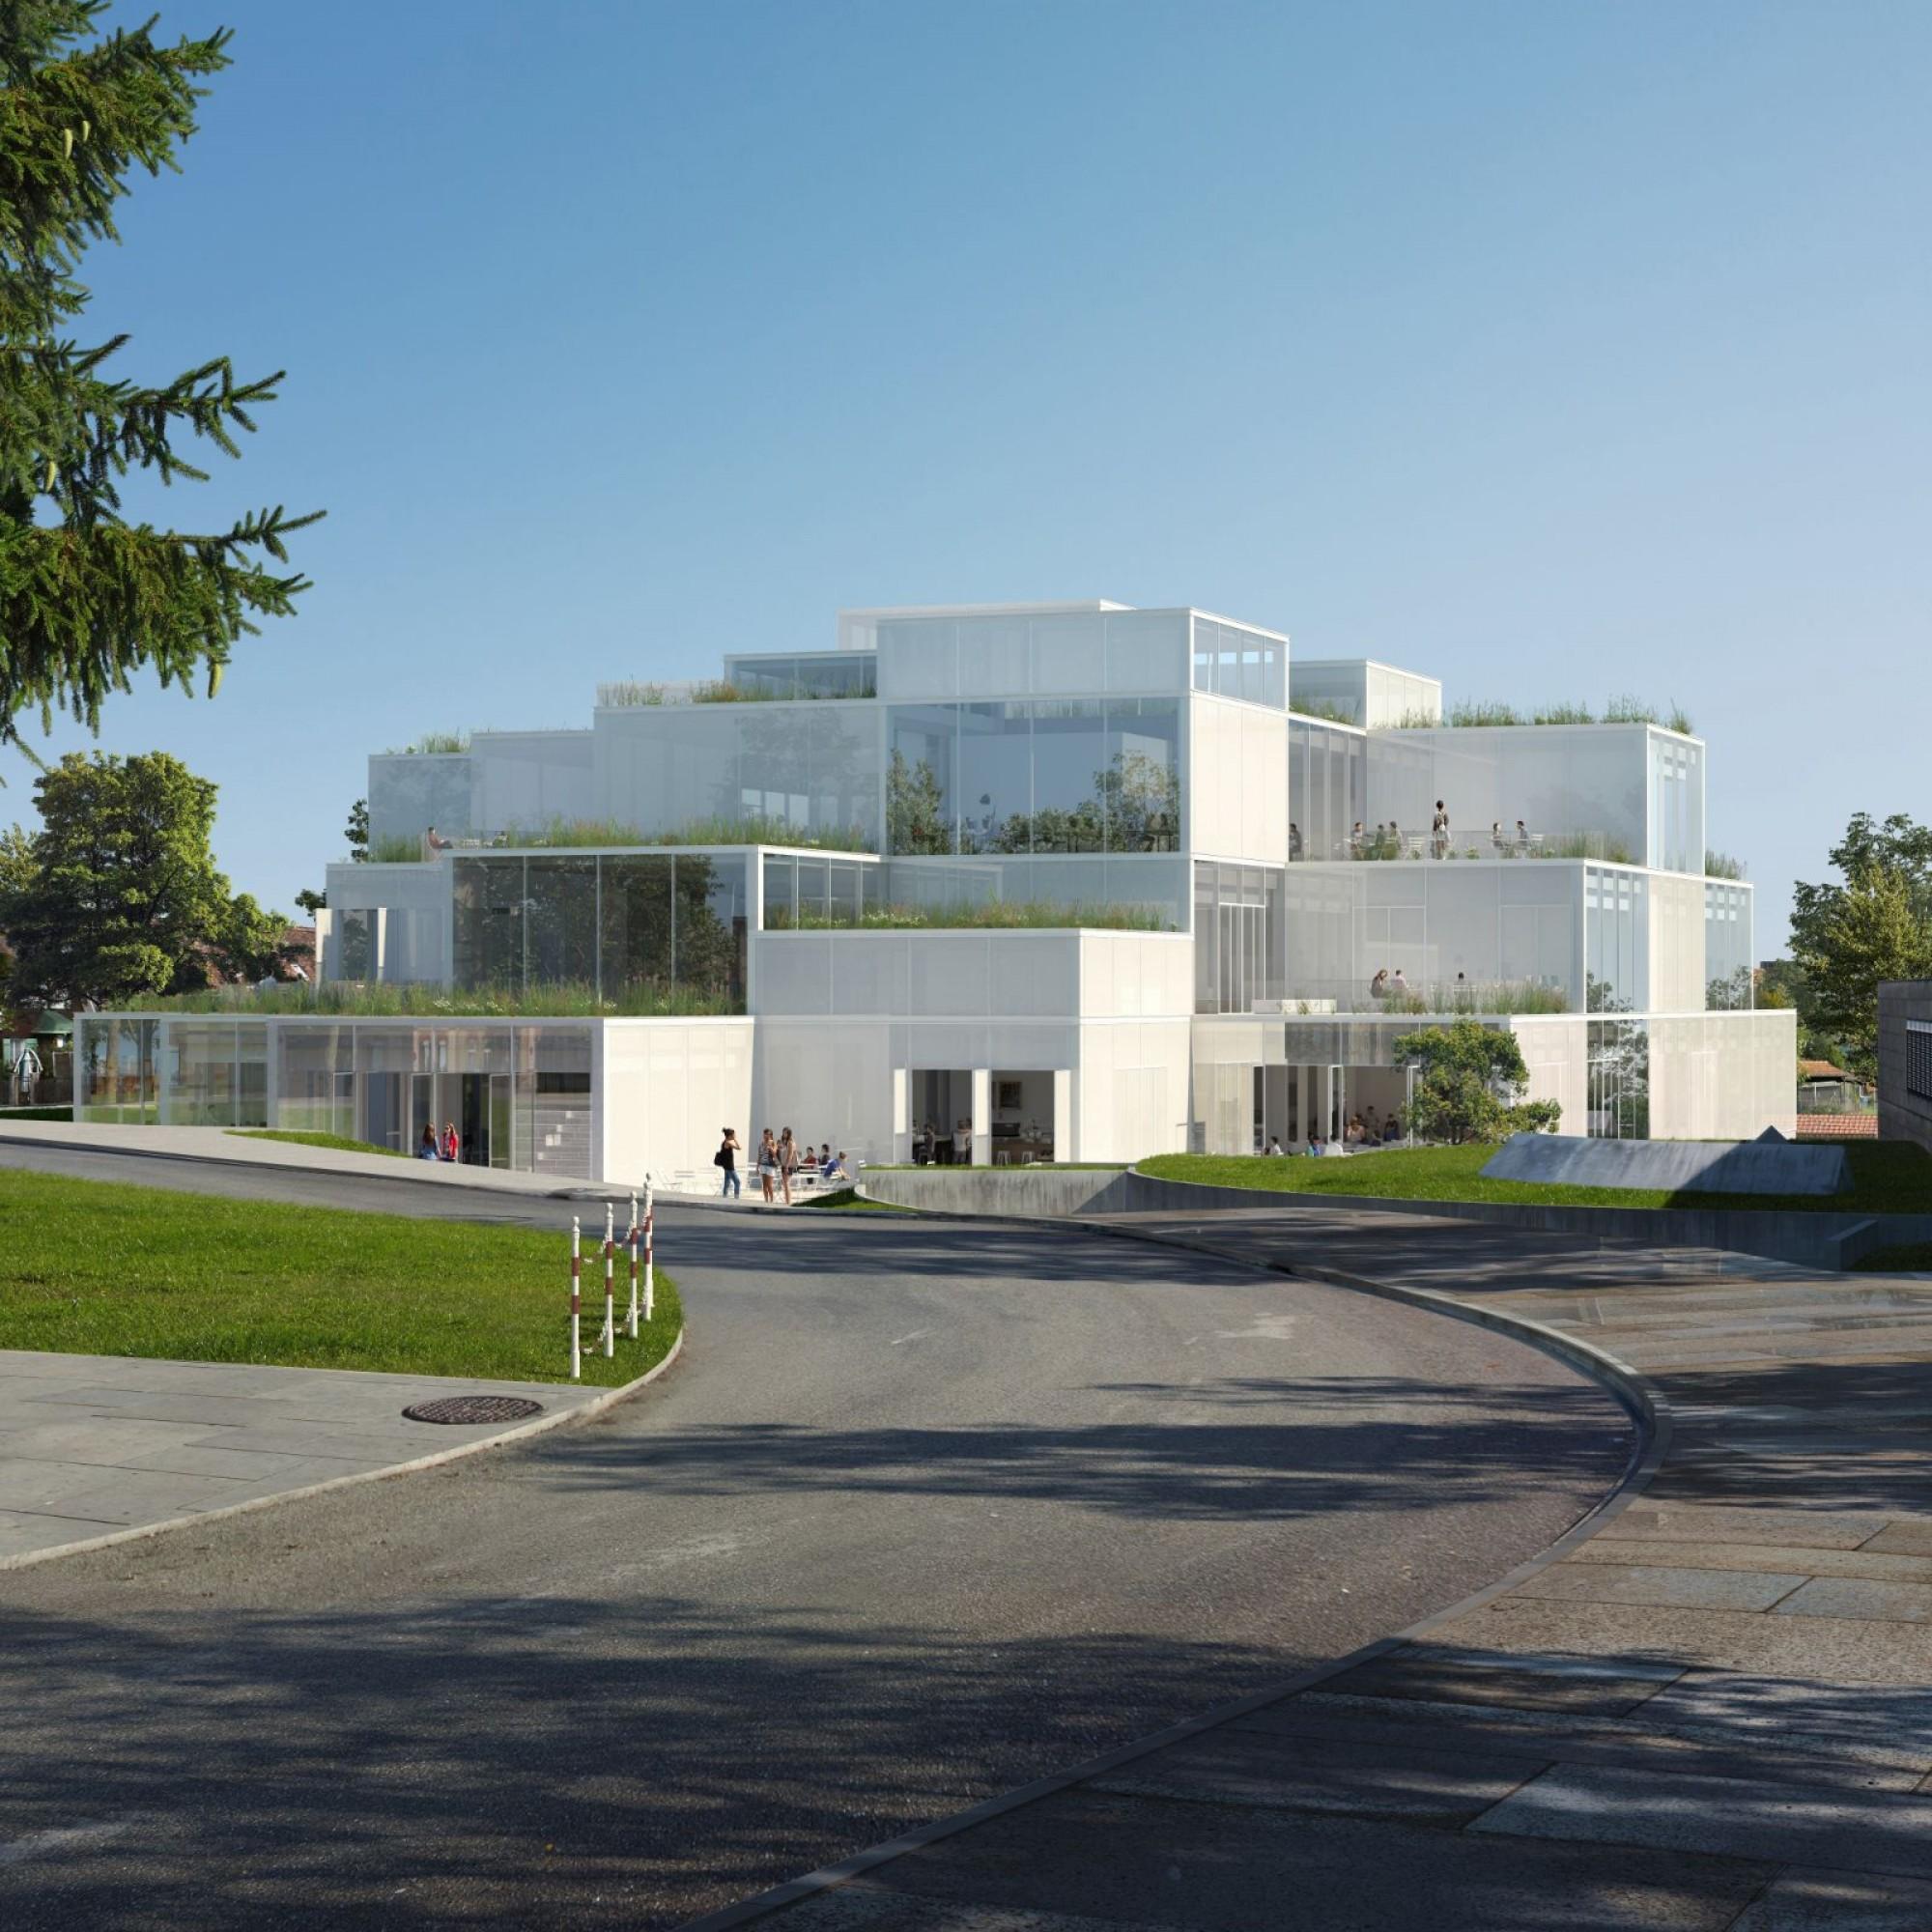 Der öffentliche Hochbau bleibt für das Ostschweizer Baugewerbe eine Stütze: Diesen November starten die Arbeiten für das 60 Millionen Franken teure Learning-Center der Hochschule St. Gallen.